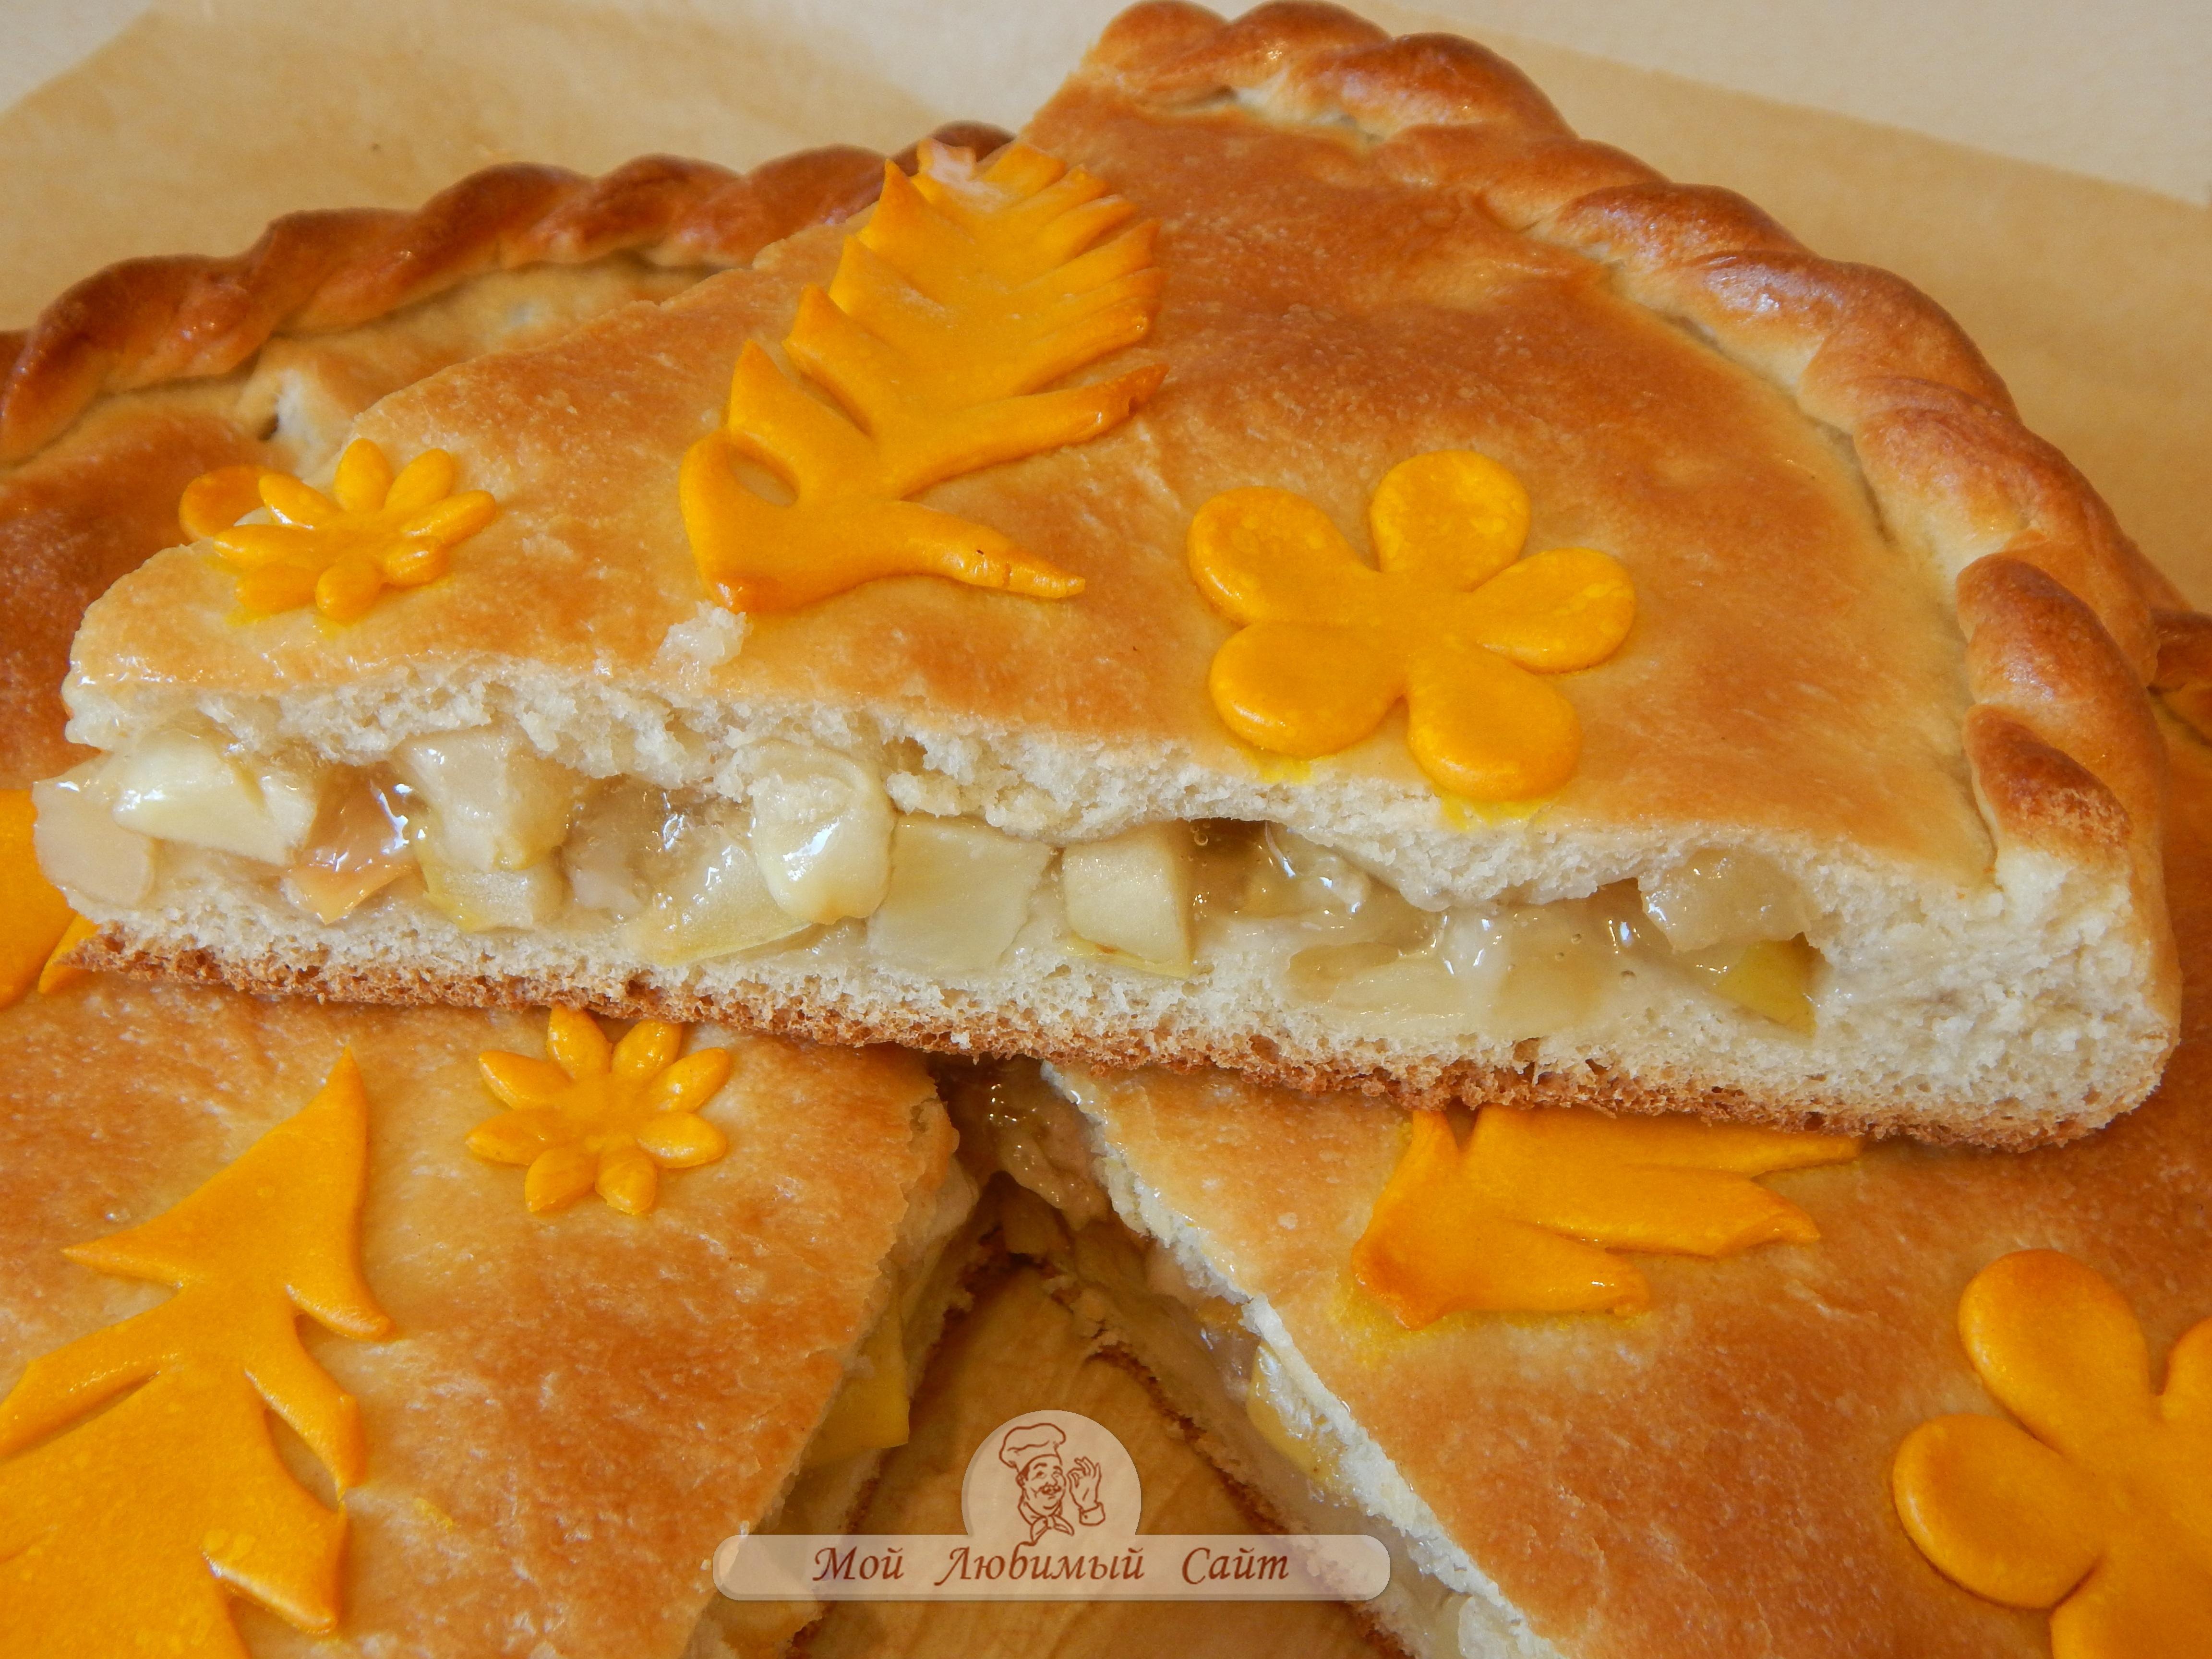 Яблочный пирог с фото дрожжевой